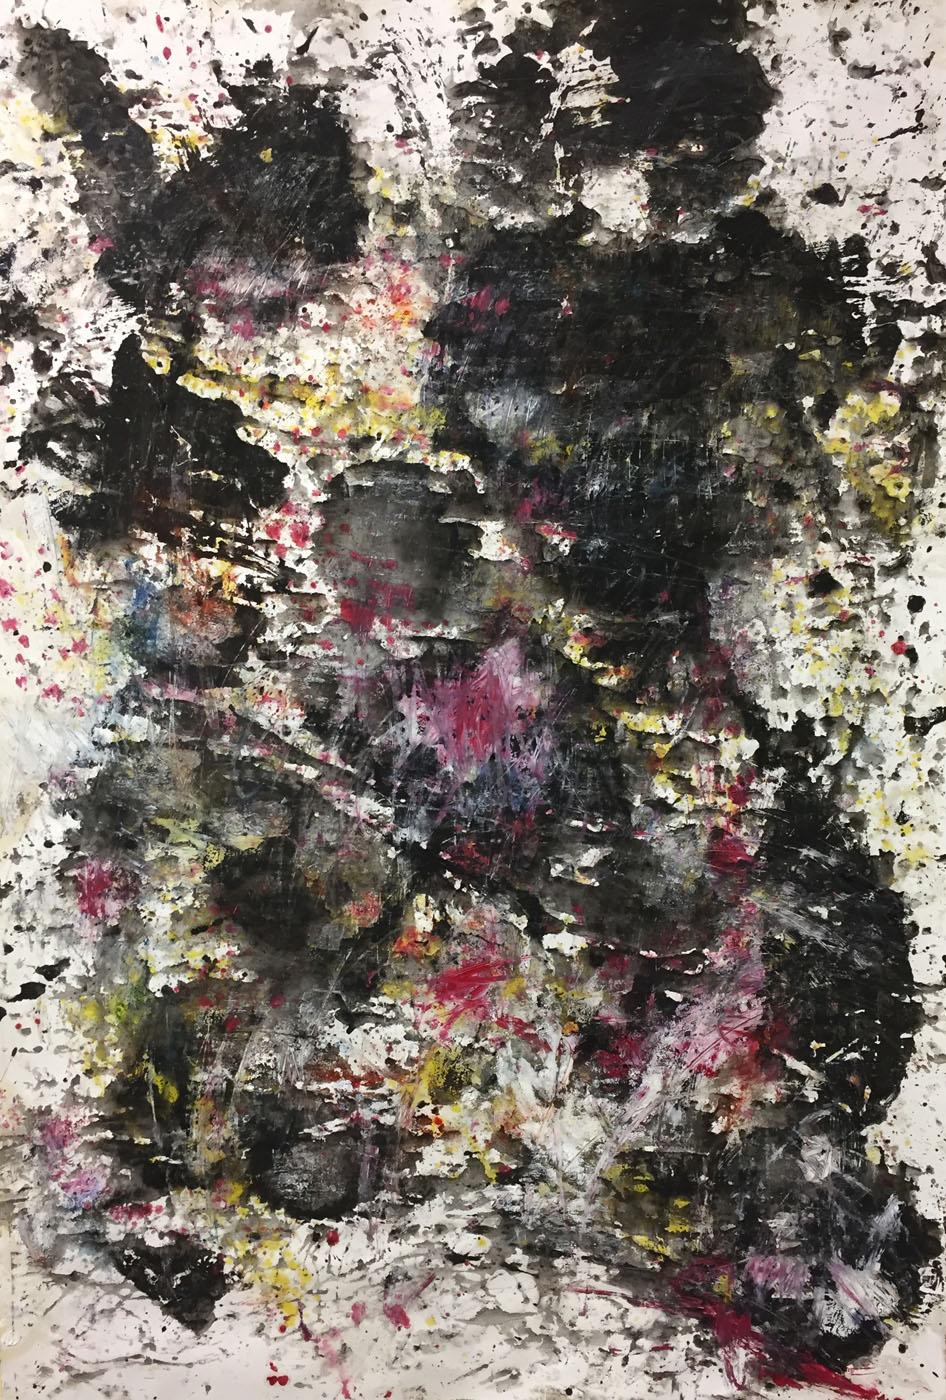 MARC FELD 2019 DÉFLAGRATION DES SOURCES 4 Huile, pigment et gouache sur papier 89 X 130 cm